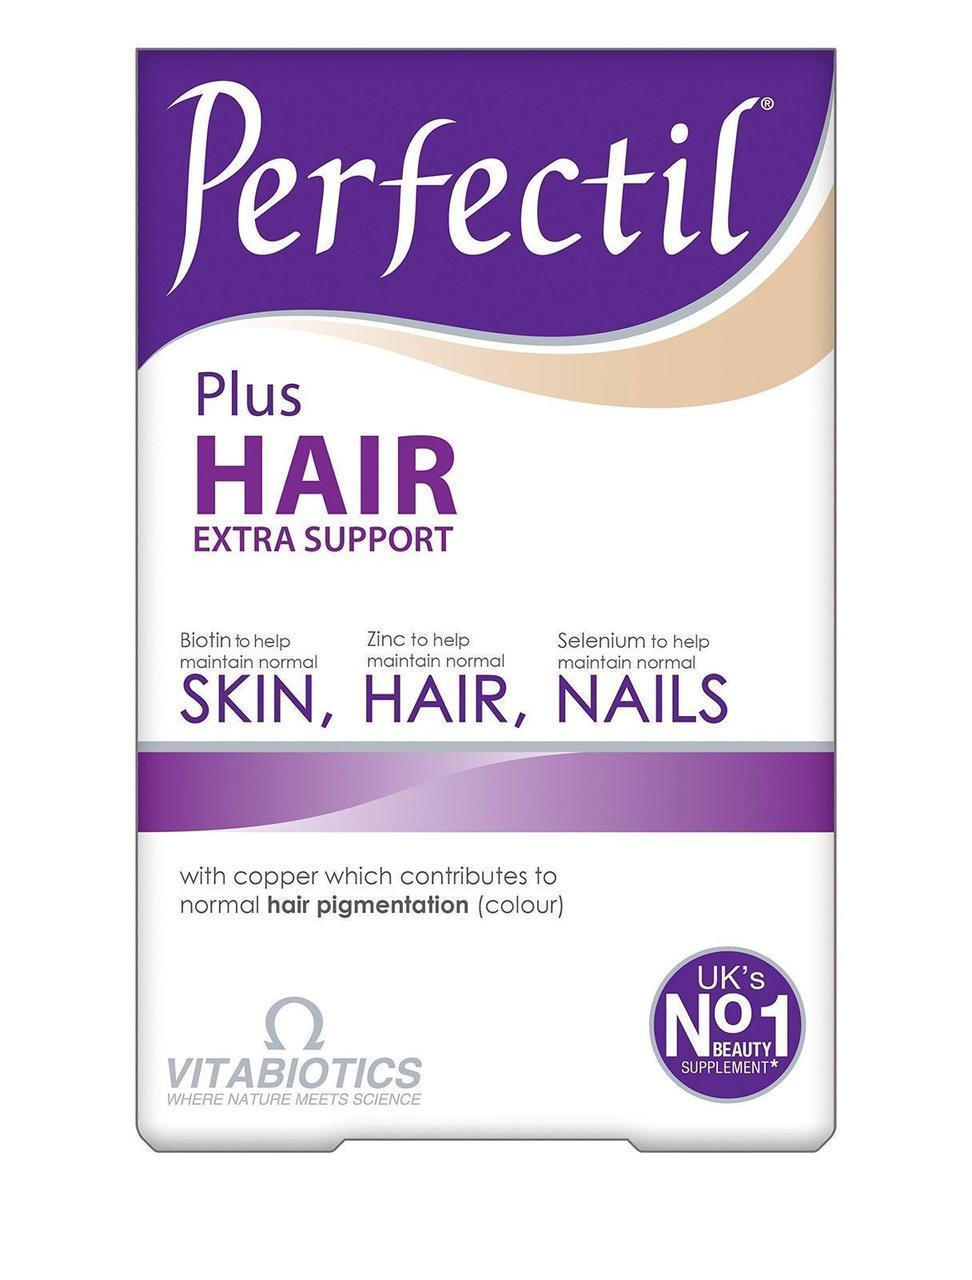 ПЕРФЕКТИЛ ПЛЮС Роскошные волосы Vitabiotics Perfectil Plus Hair - 60 таблеток  Великобритания ОРИГИНАЛ